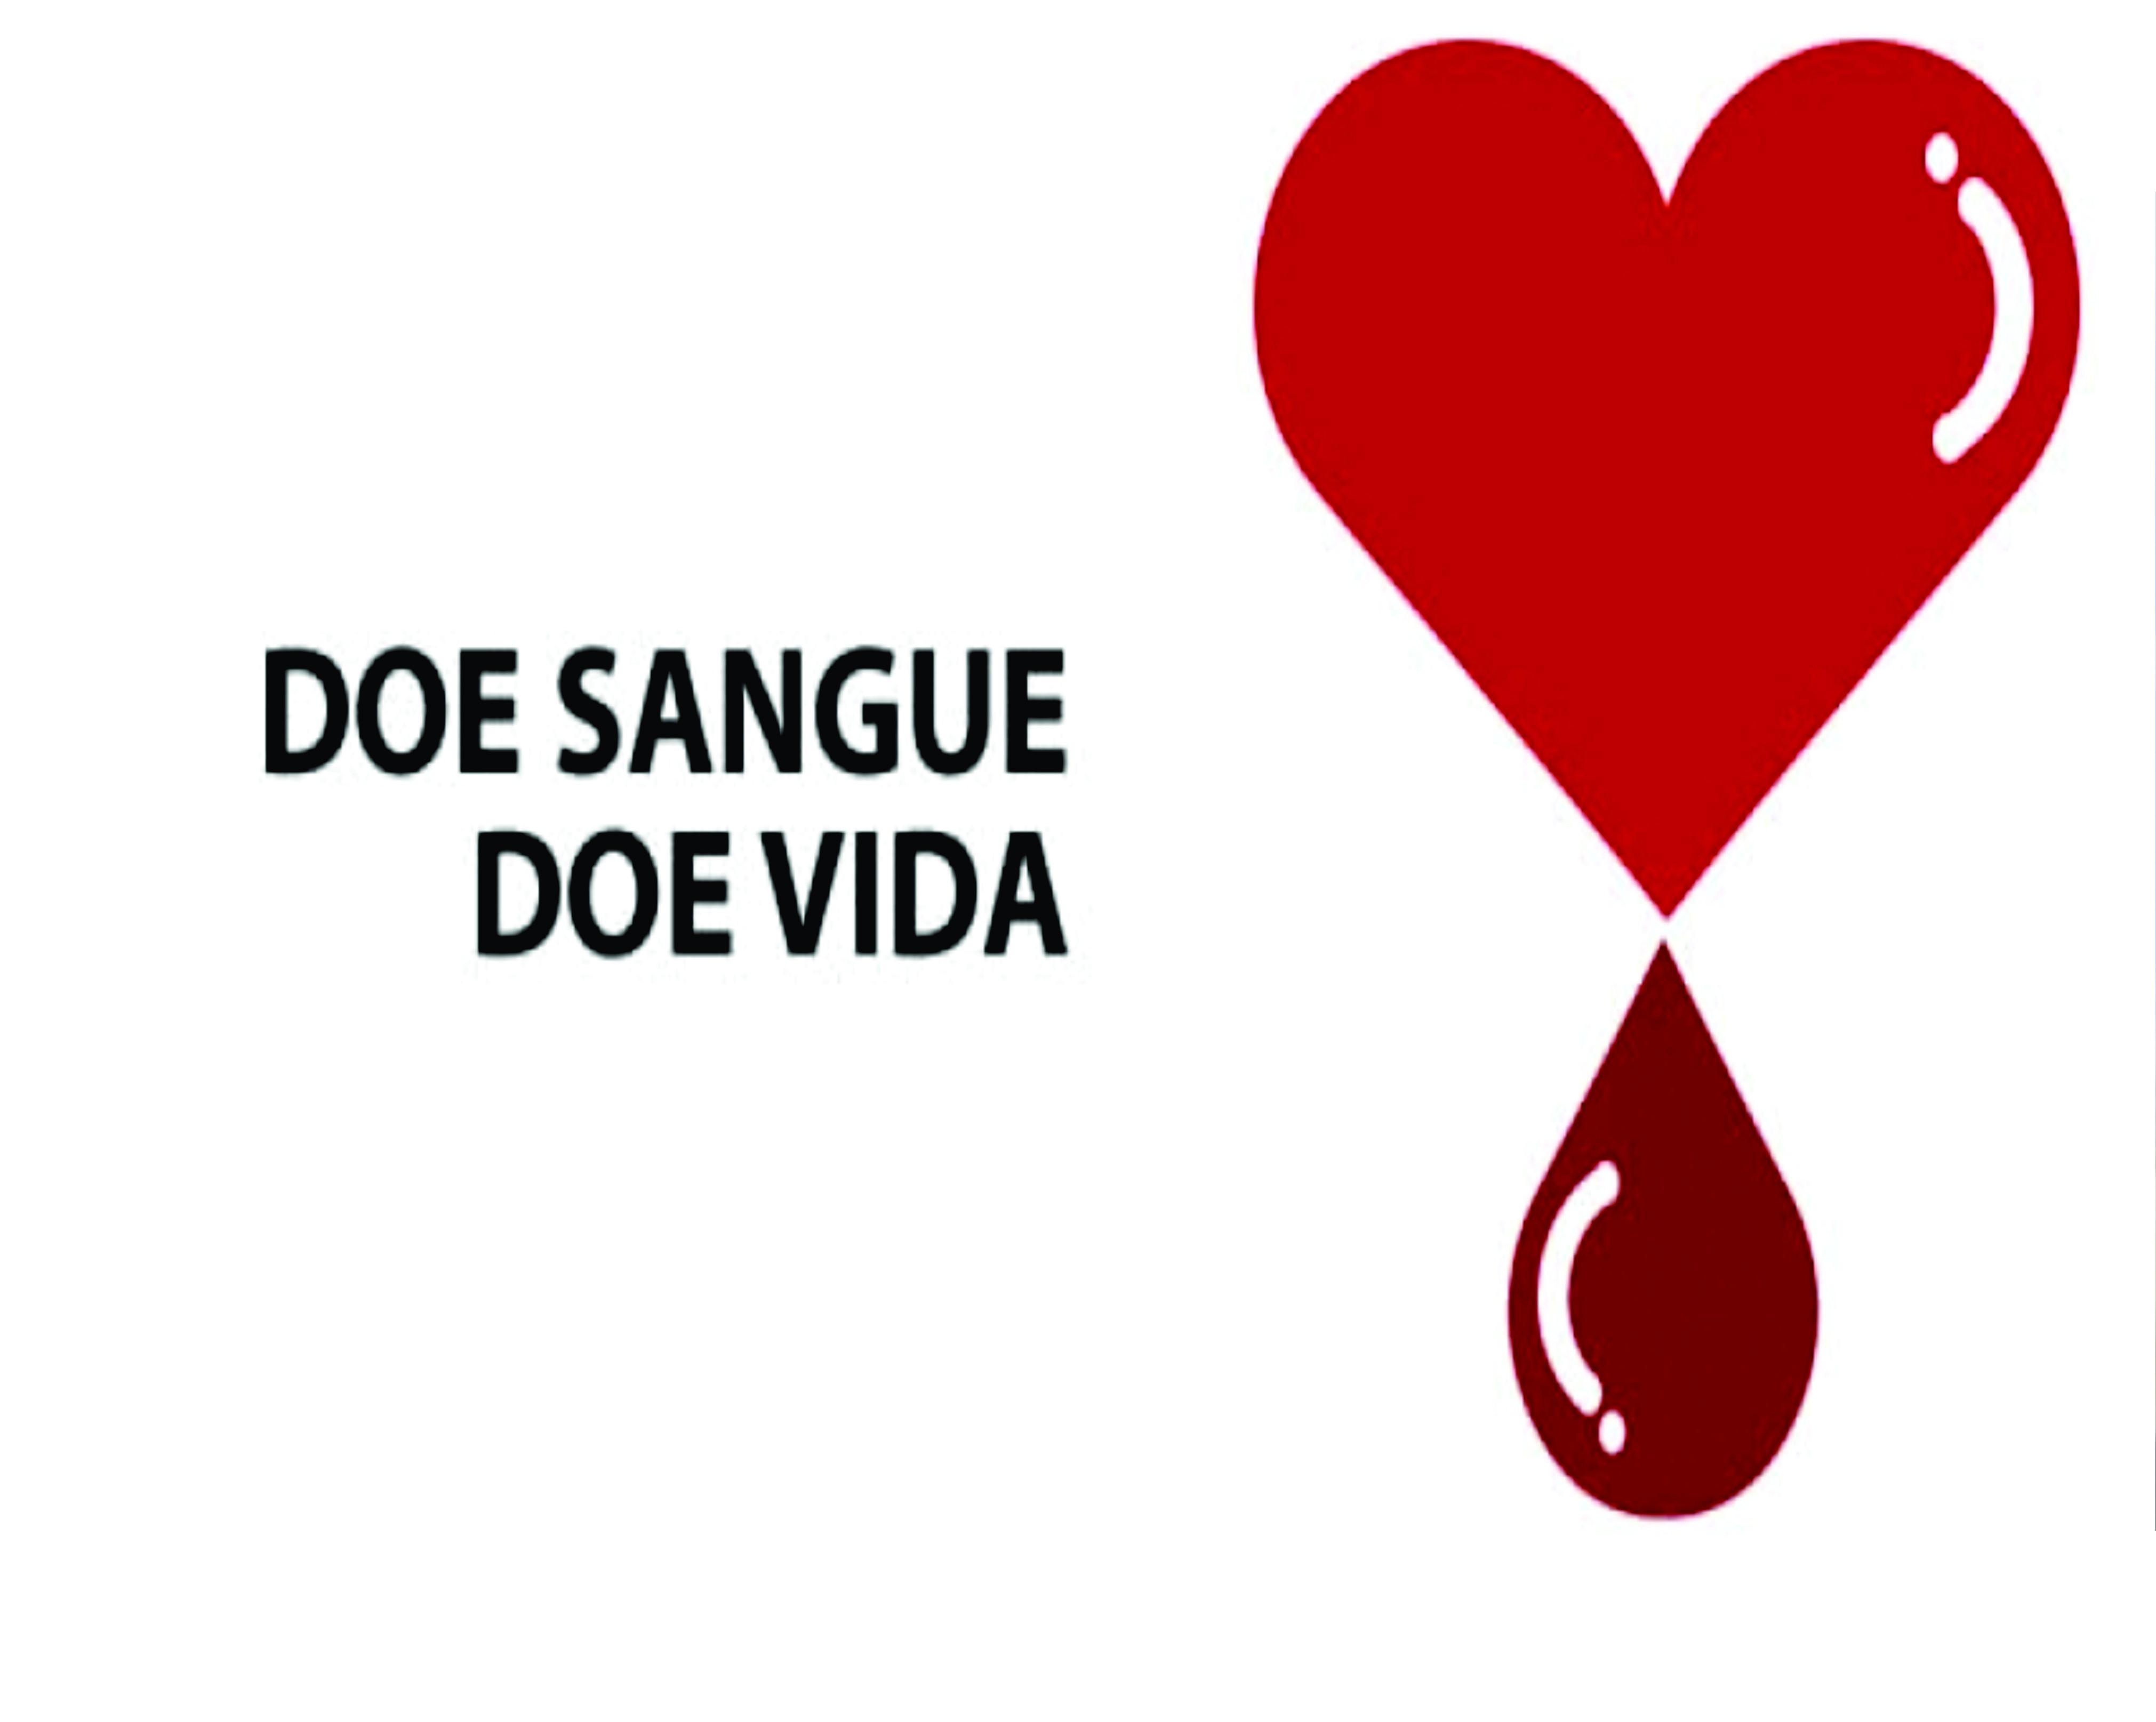 Doação! Pai de servidor necessita de novas doações de sangue A+, A-, O+ e O-